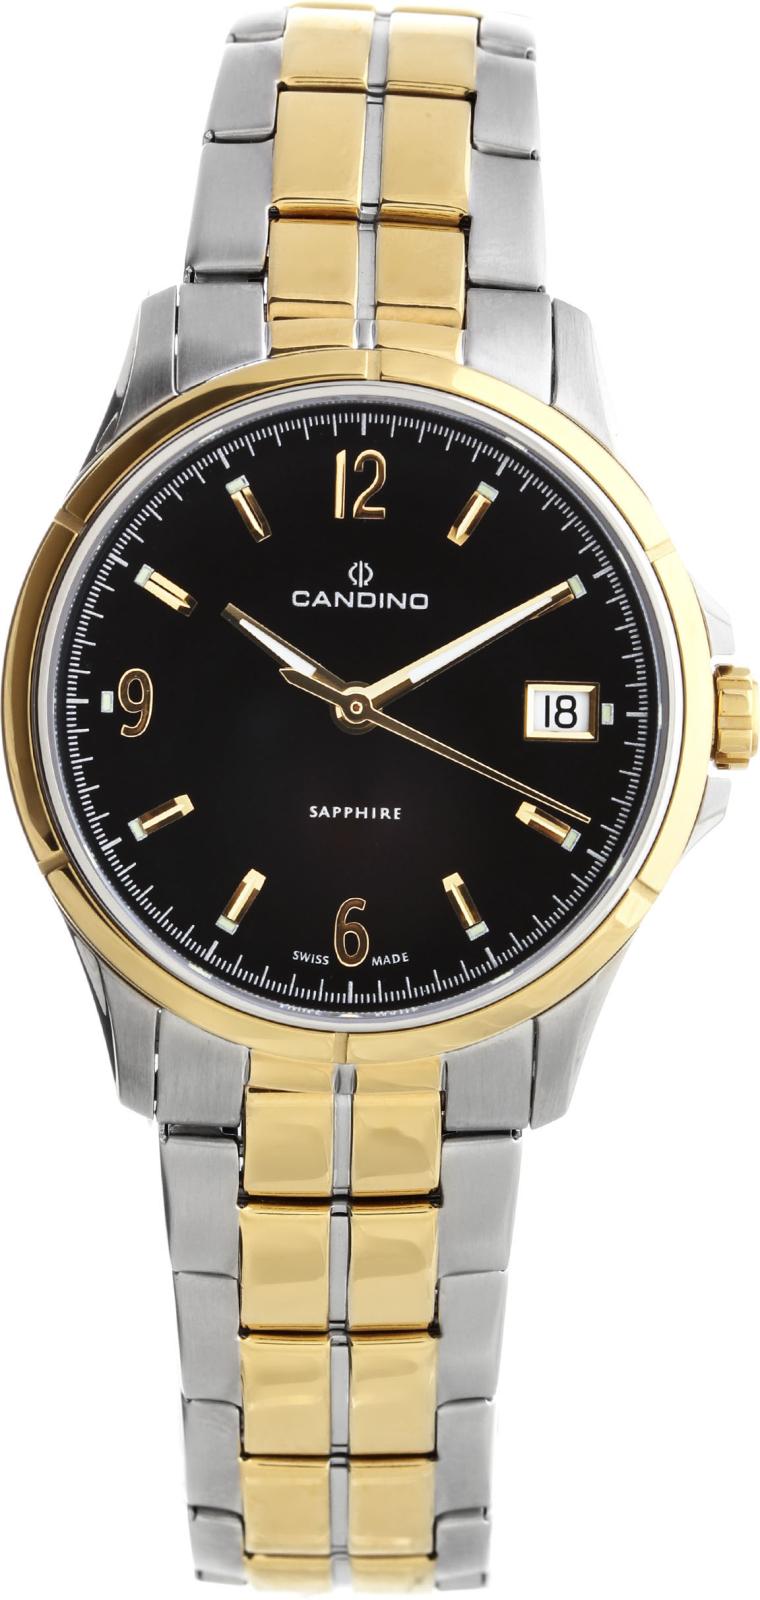 Candino Elegance C4534/3Наручные часы<br>Швейцарские часы Candino Elegance C4534/3<br><br>Пол: Женские<br>Страна-производитель: Швейцария<br>Механизм: Кварцевый<br>Материал корпуса: Сталь<br>Материал ремня/браслета: Сталь<br>Водозащита, диапазон: 20 - 100 м<br>Стекло: Сапфировое<br>Толщина корпуса: 8 мм<br>Стиль: Классика